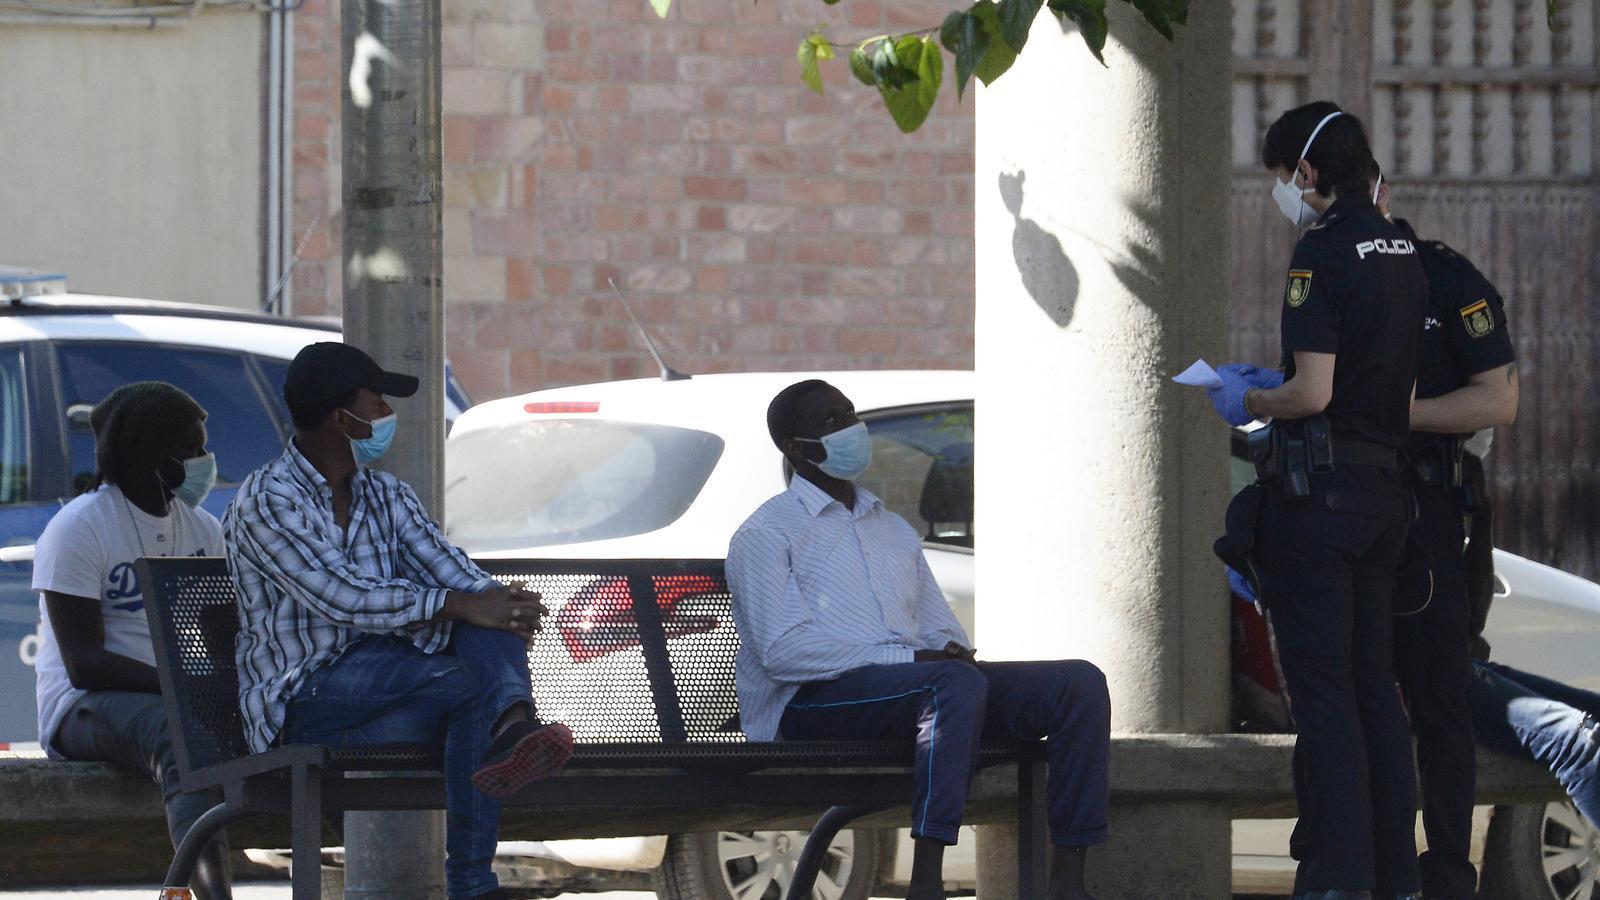 Agents de la policia demanen la documentació als immigrants que hi ha a la plaça del Toll d'Alcarràs